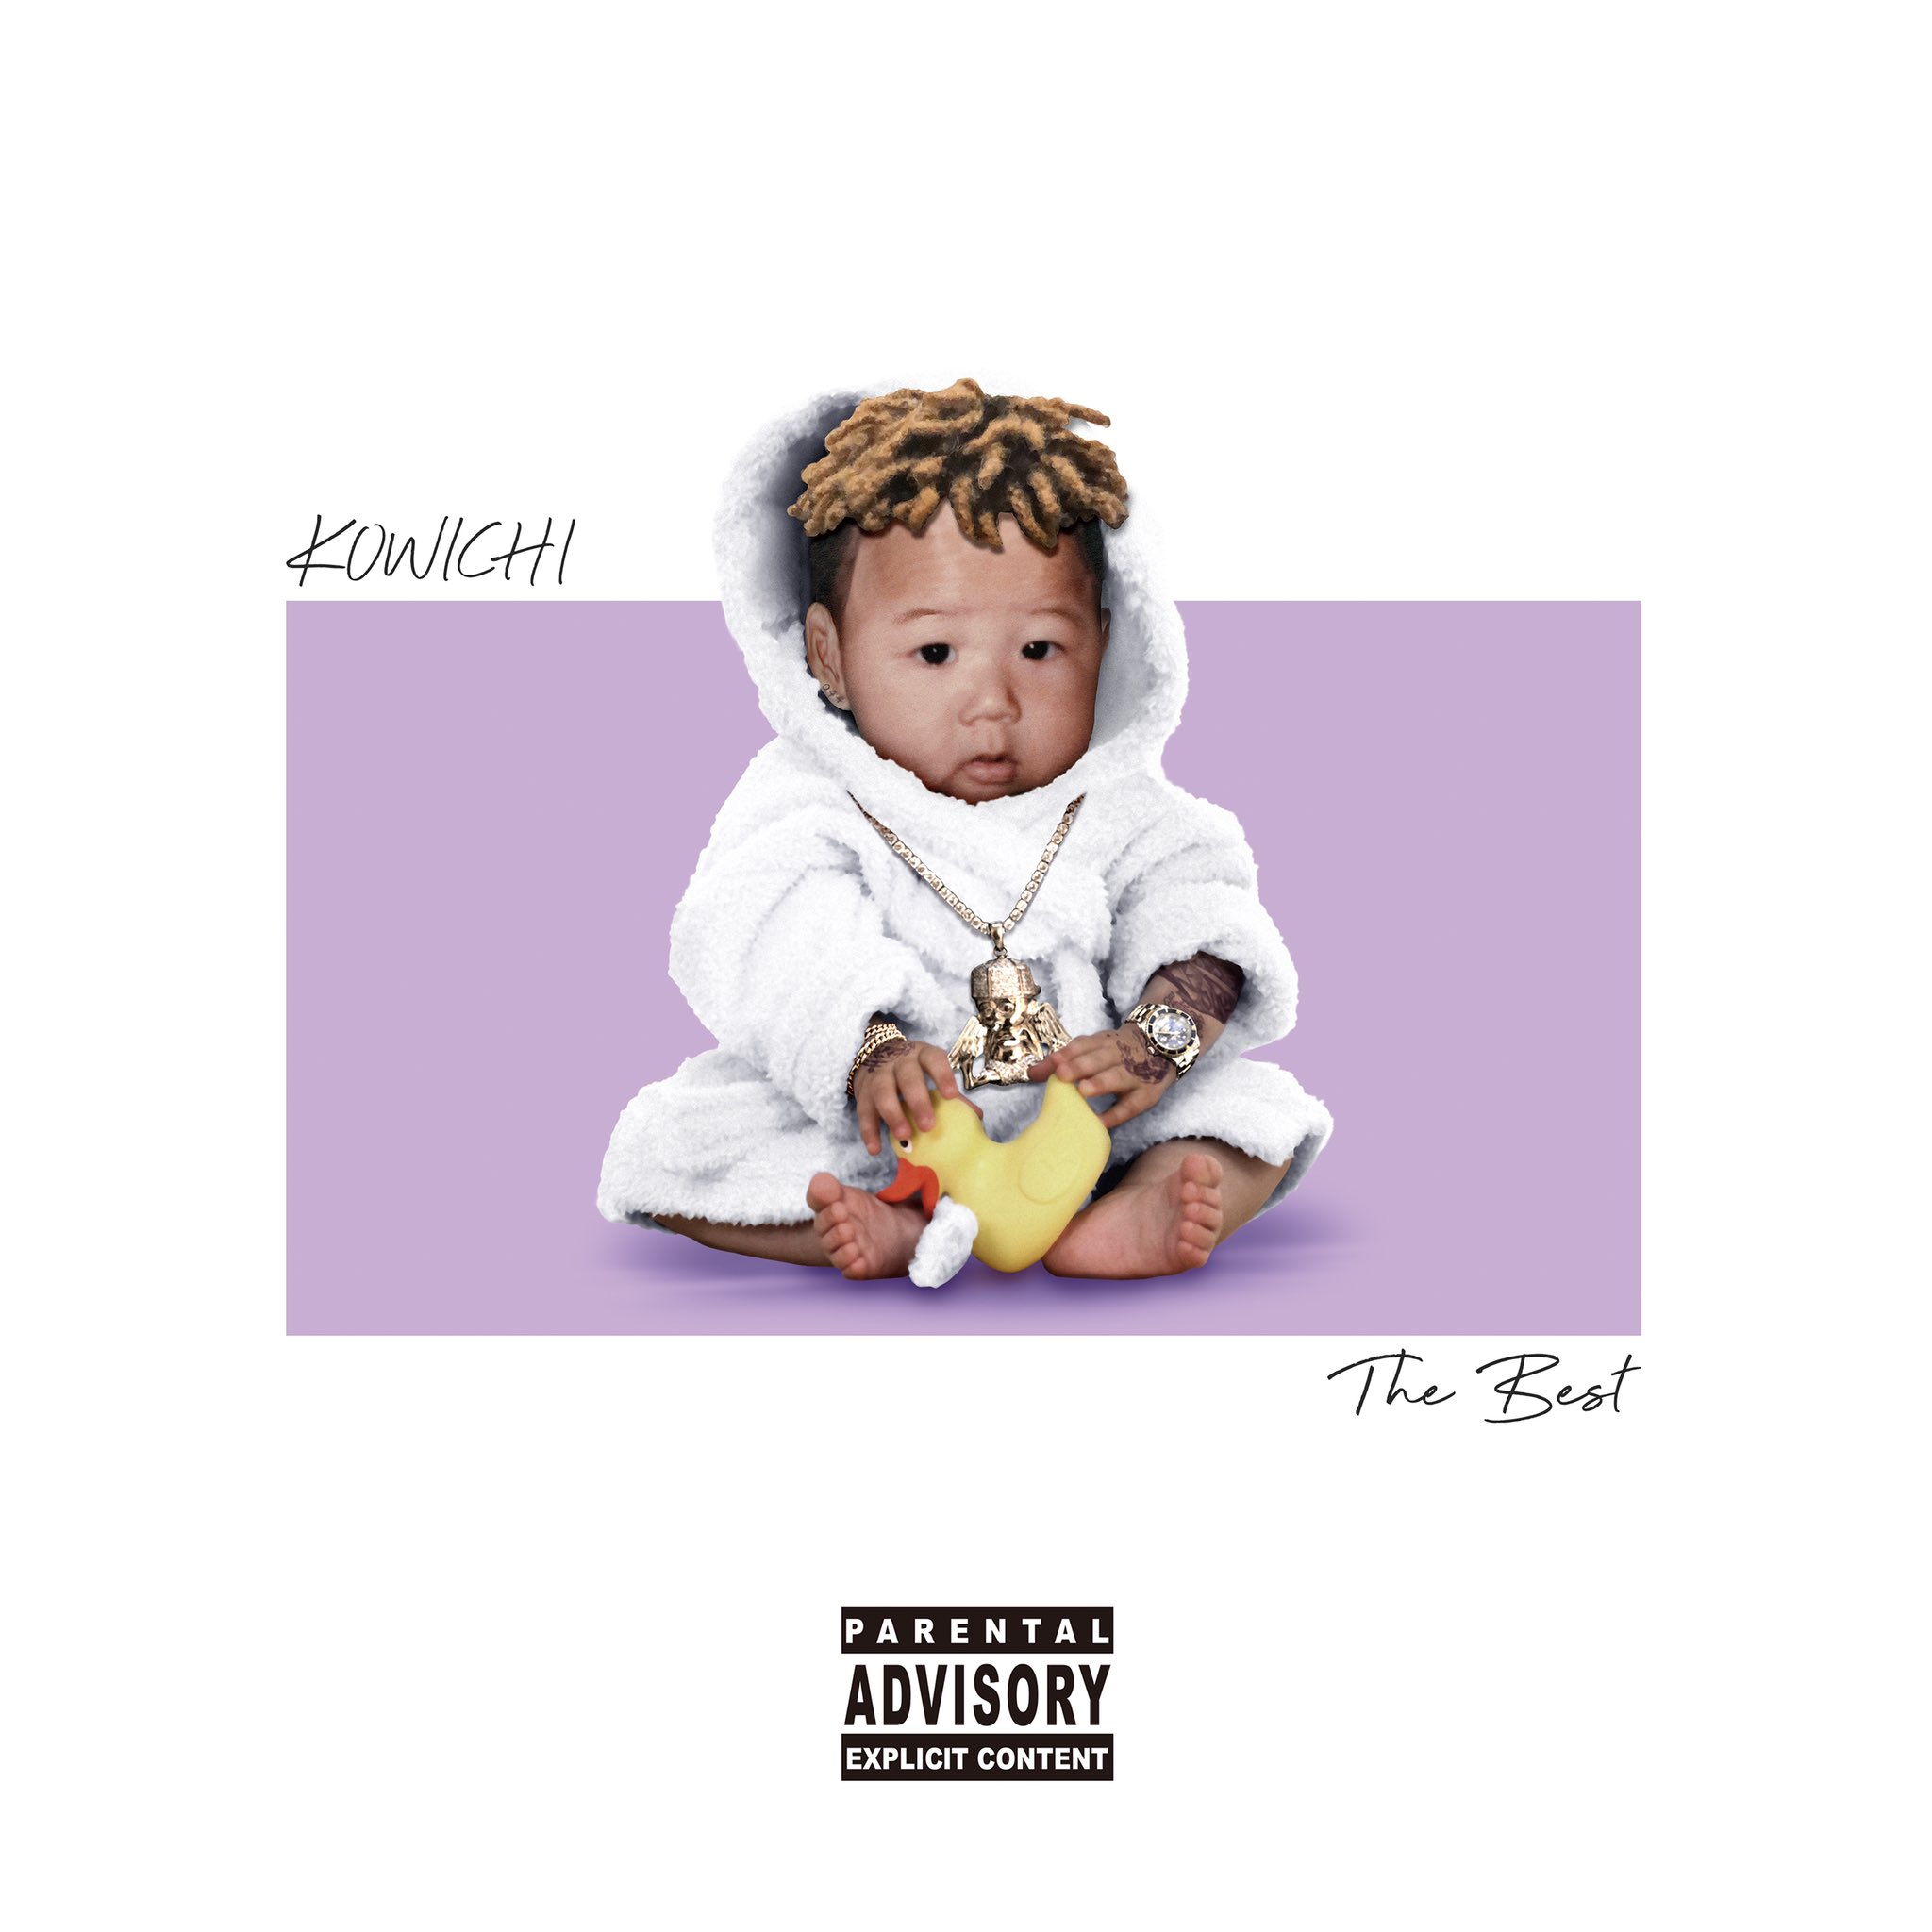 KOWICHIがベストアルバム「The Best」をリリース!